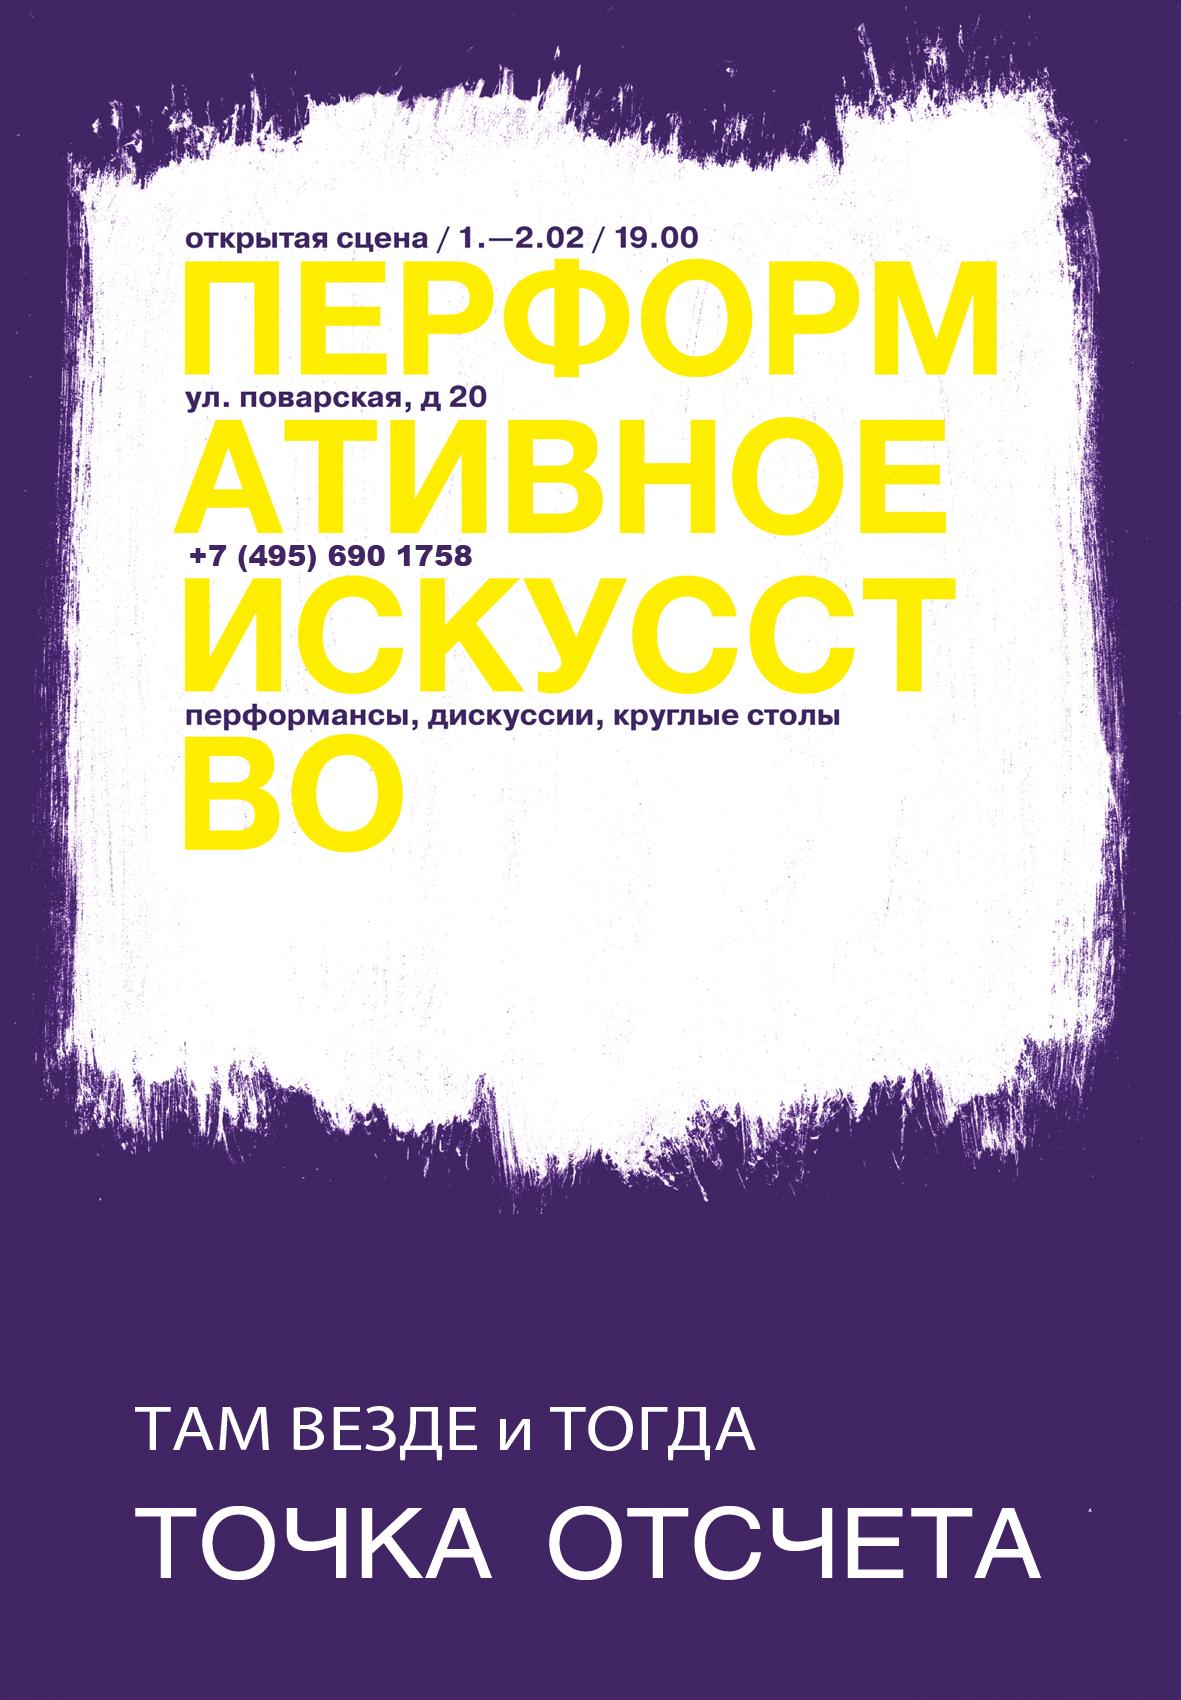 Kartnka O stage flaer_2